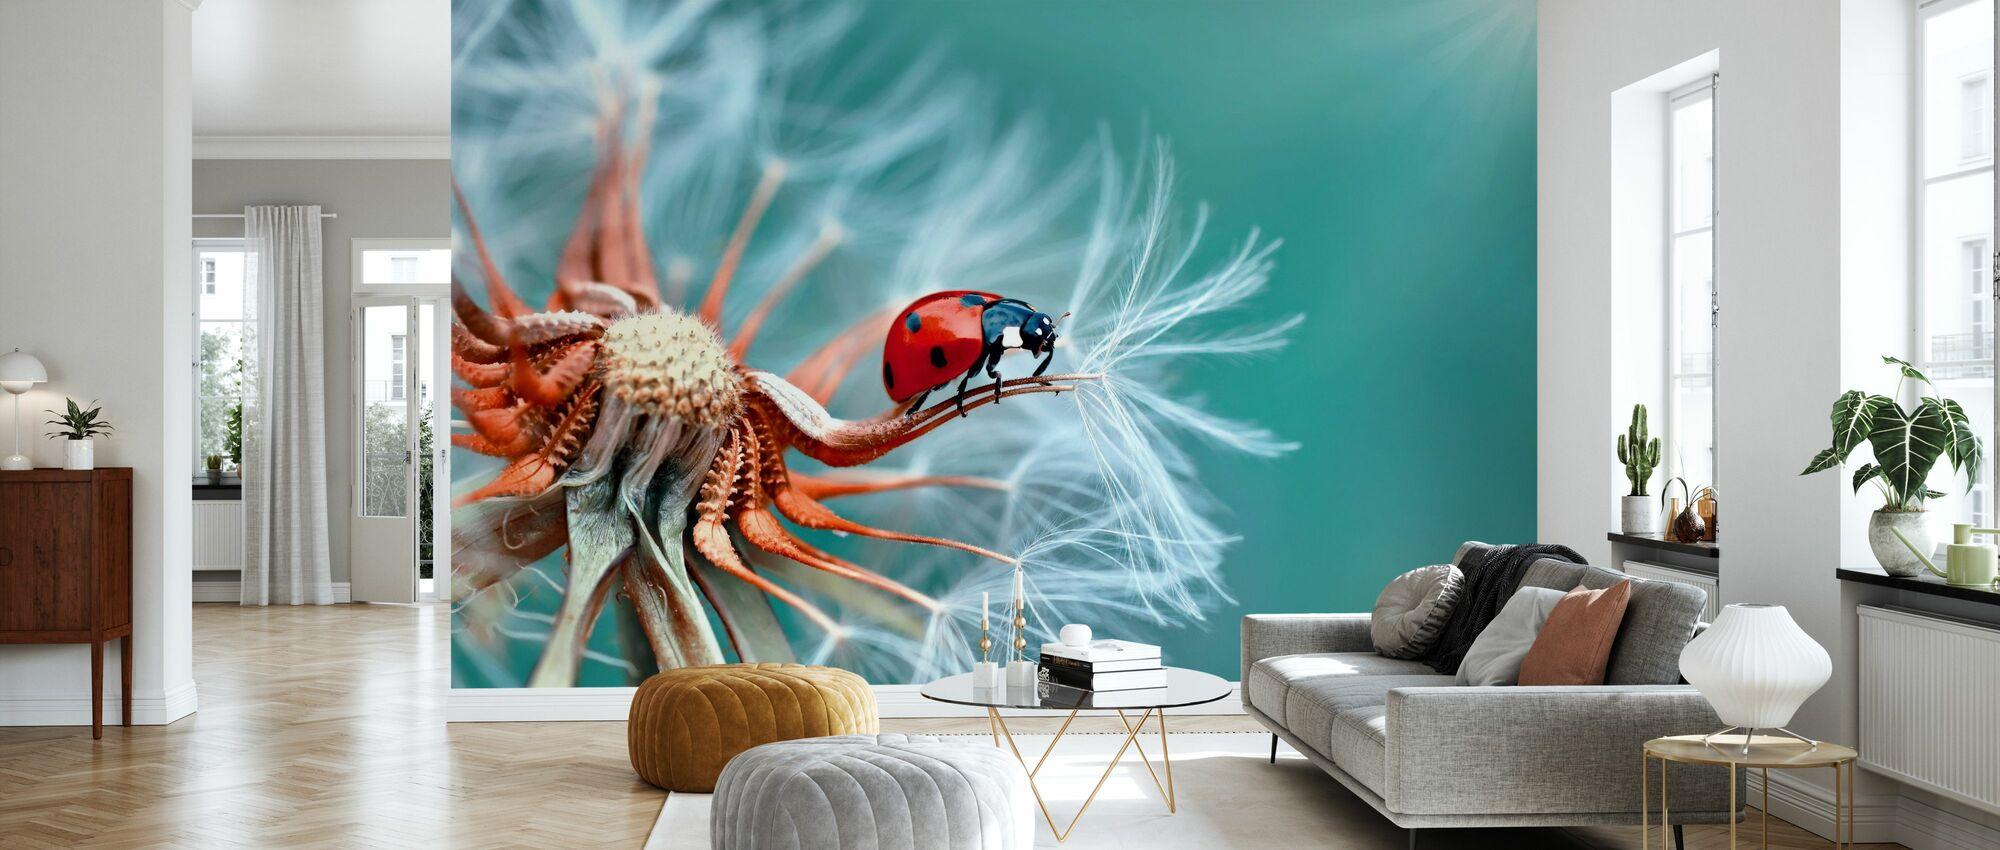 Freedoom - Wallpaper - Living Room